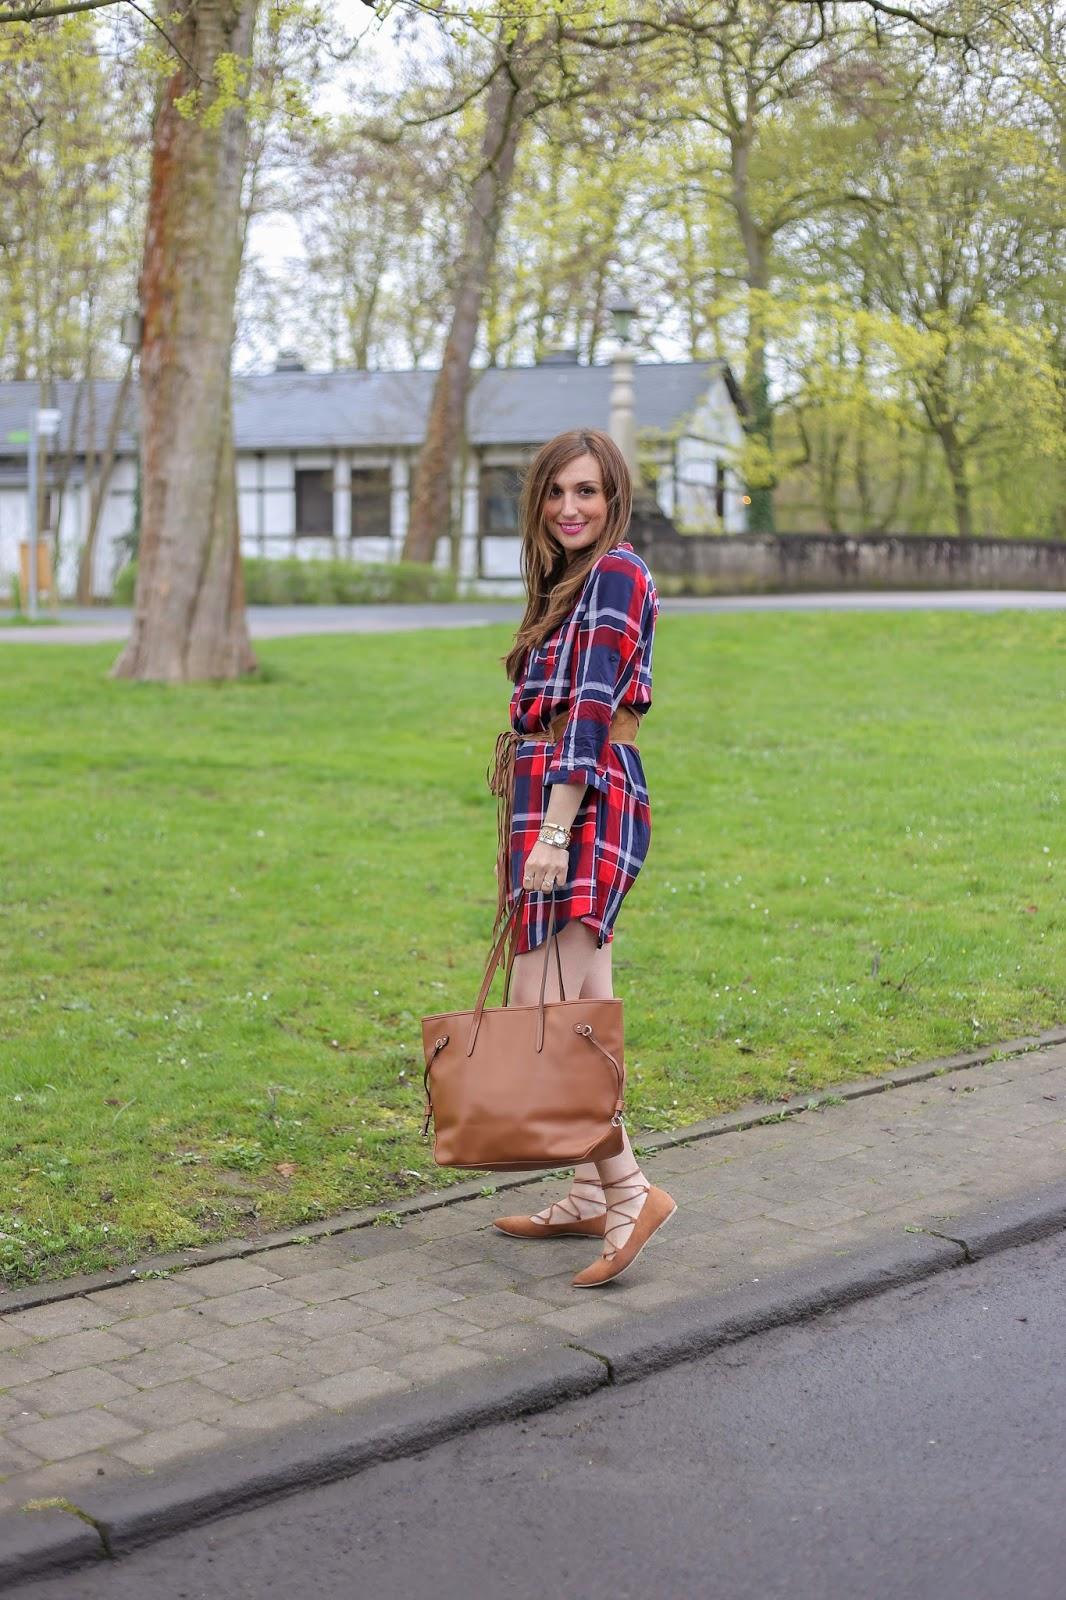 My Colloseum- Fashionblogger Outdoor - Was ziehe ich zum wandern an - Wanderoutfit -Decathlon - Hut - Blogger mit Hut - Karokleid